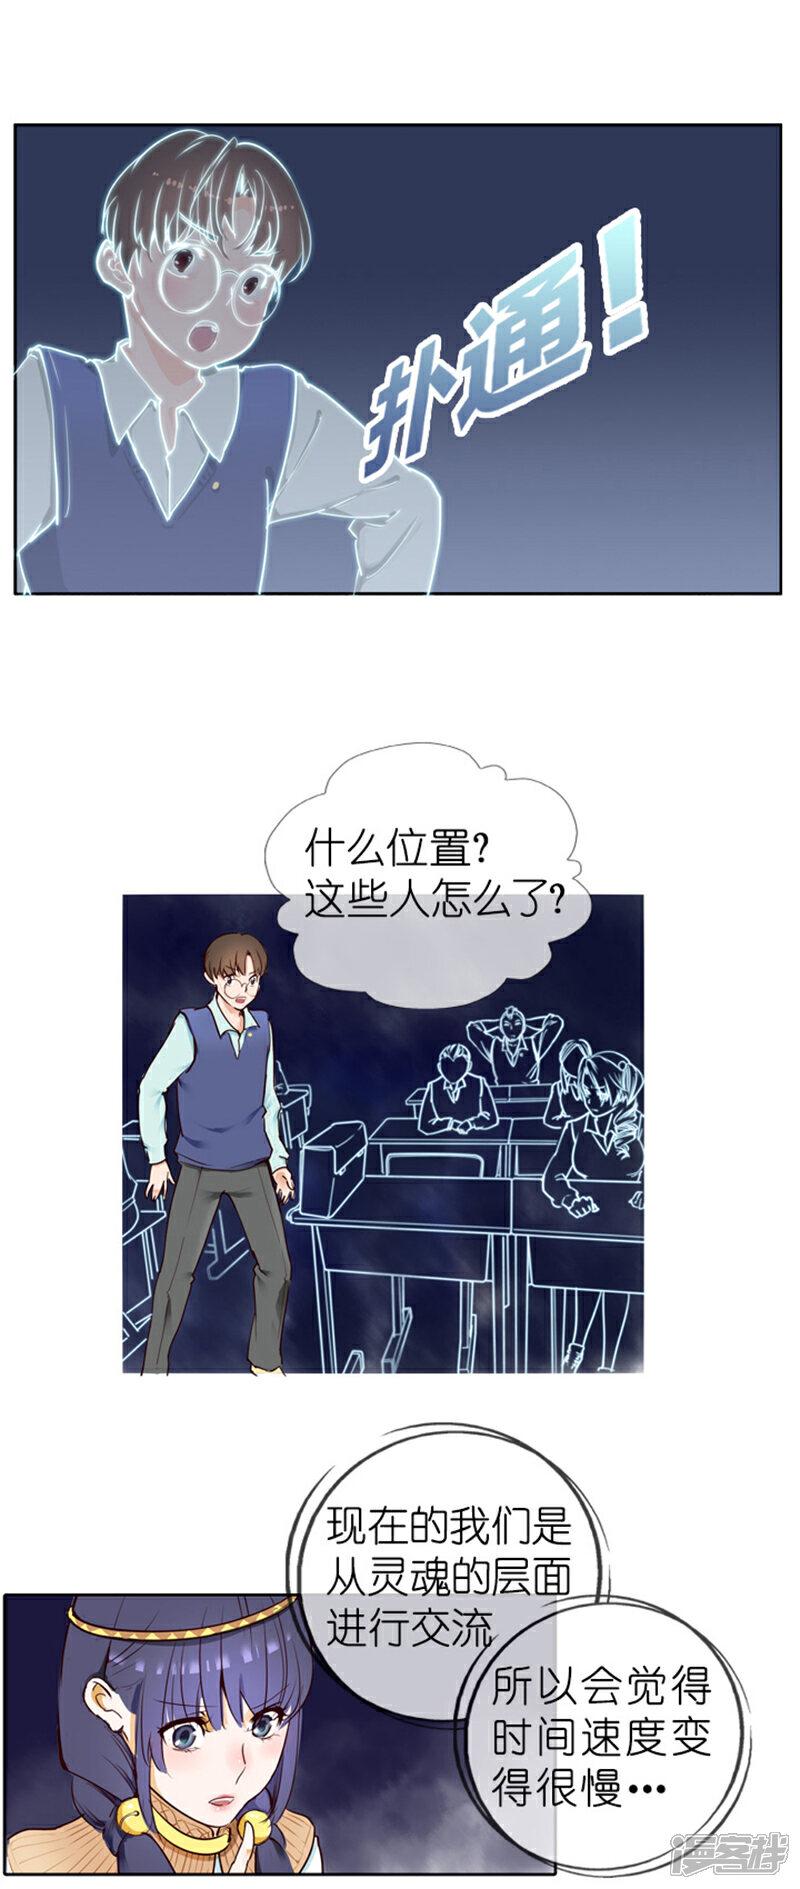 祖先帮帮忙客栈第3话-漫漫画来漫画的里走出亦凡吴图片